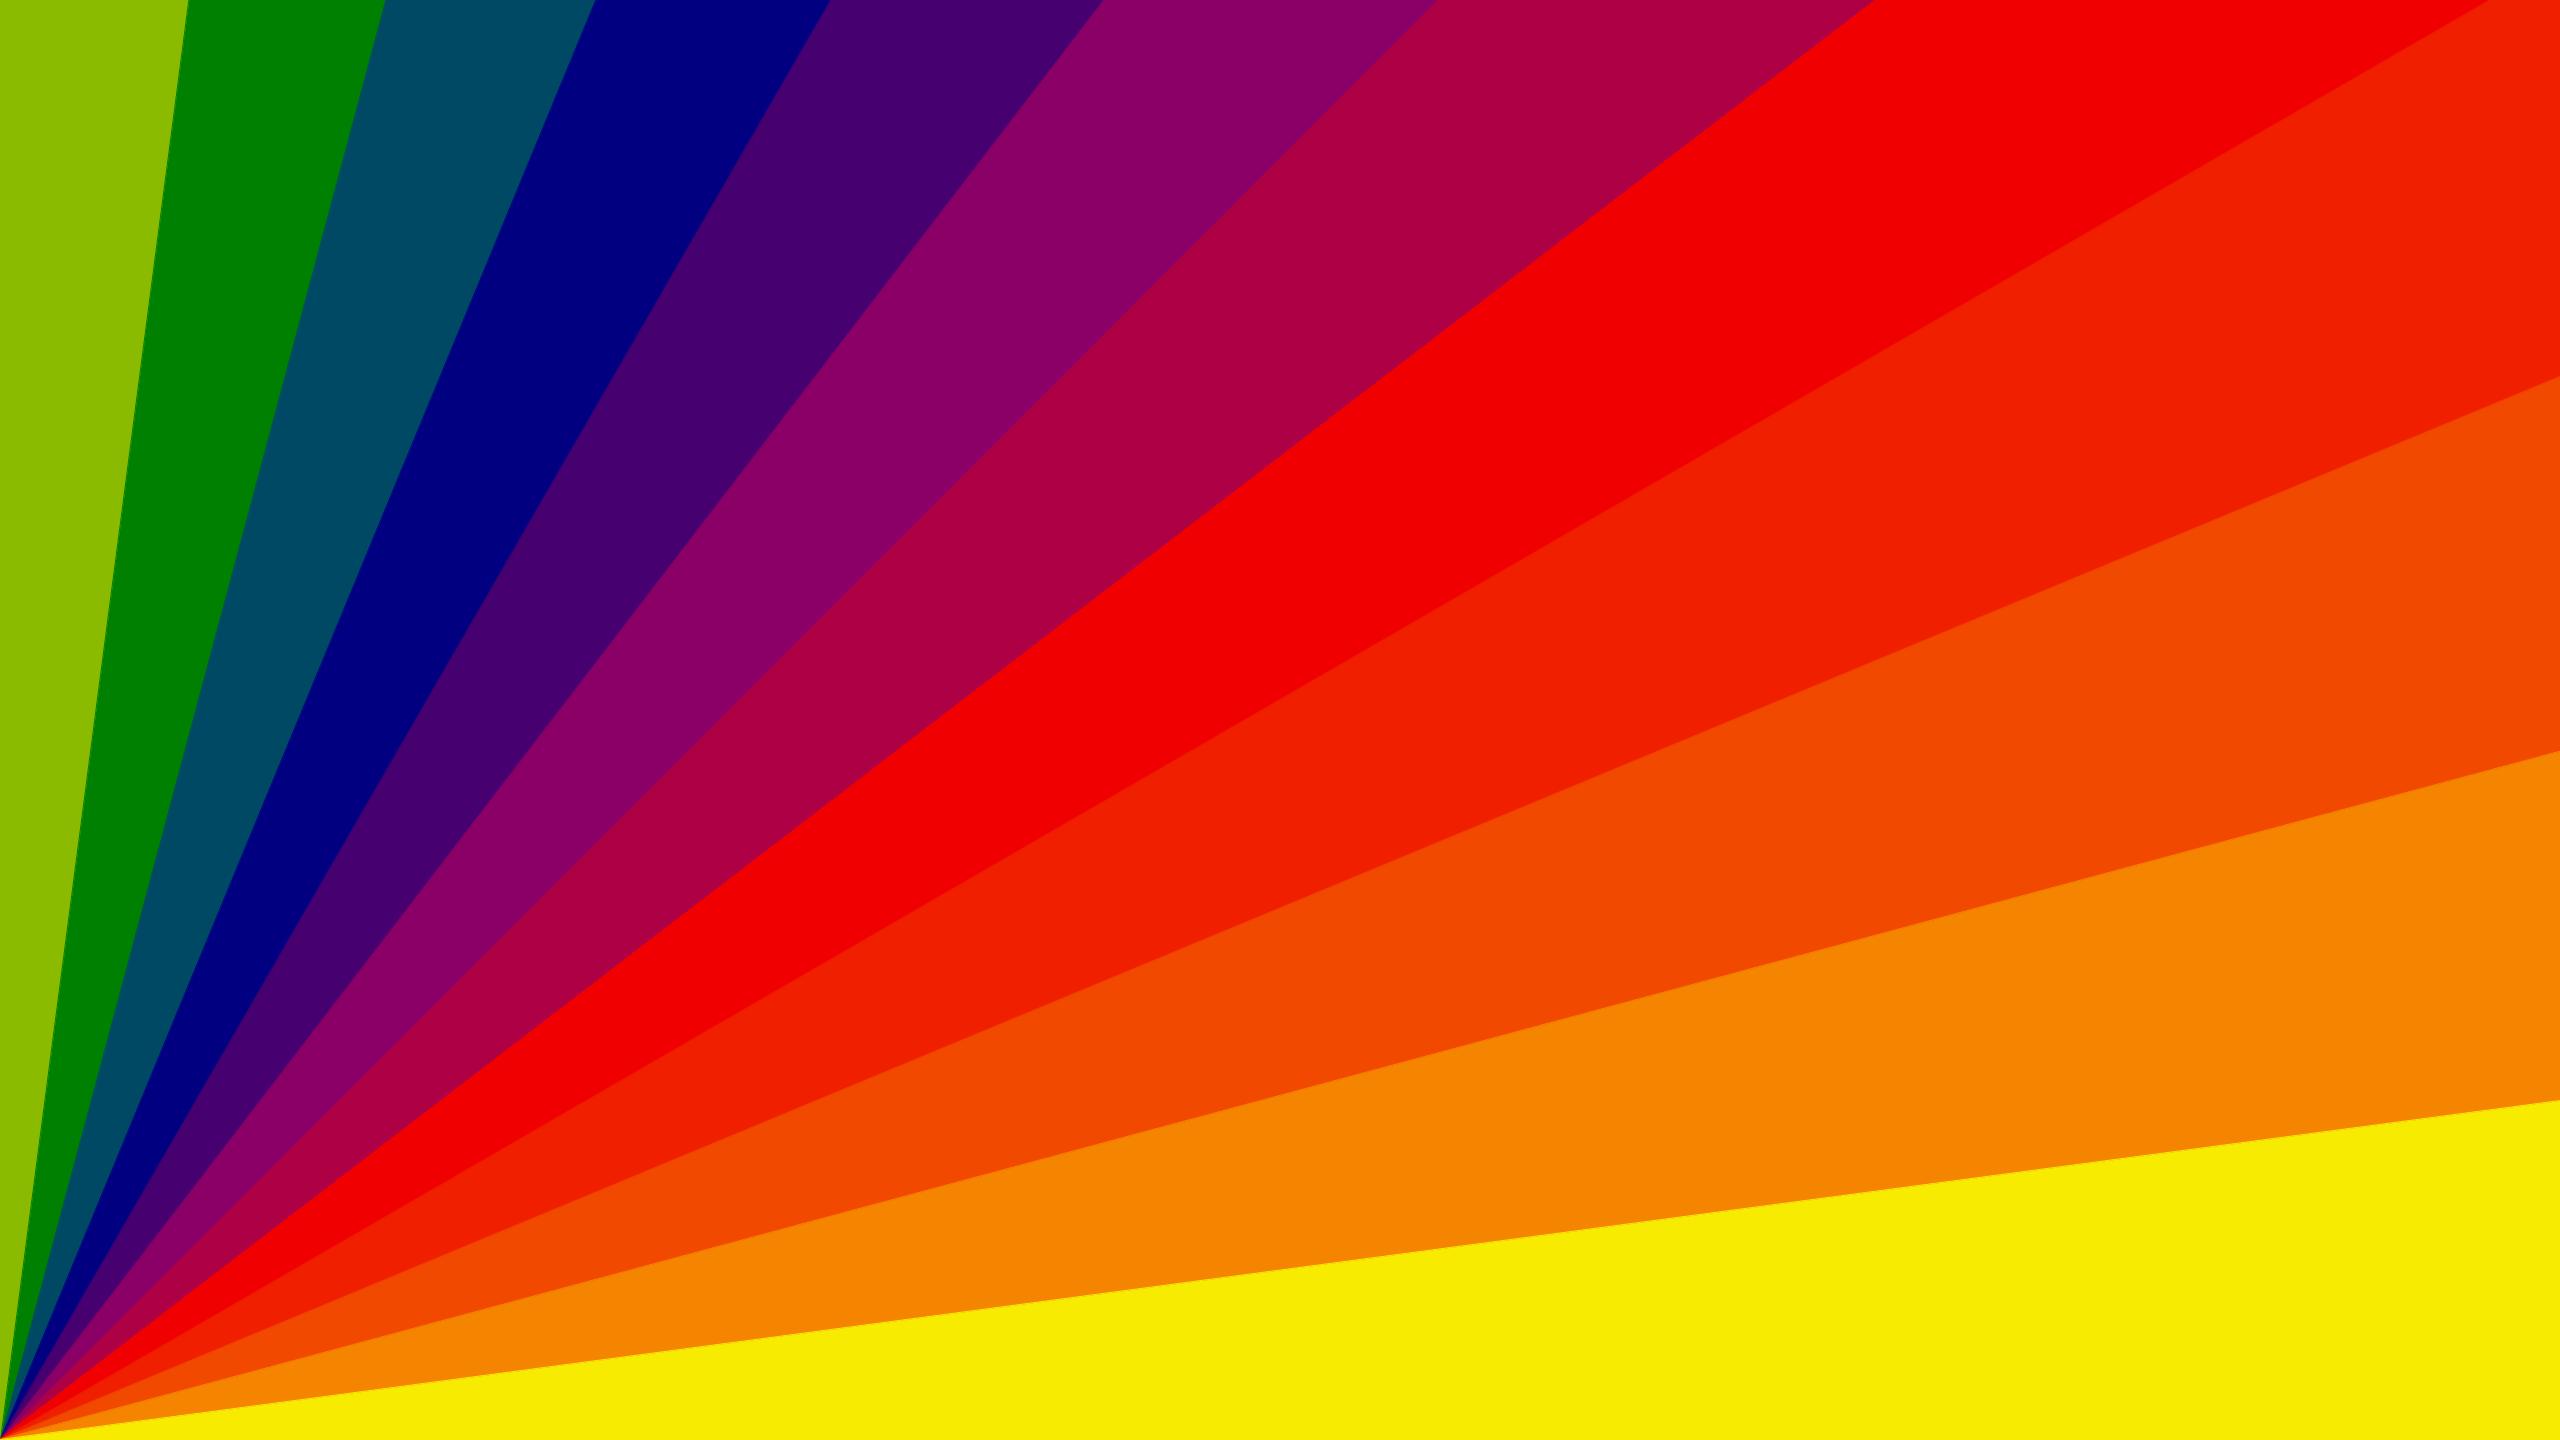 Fondo De Pantalla Abstracto Barras De Colores: Fondos Abstractos De Colores